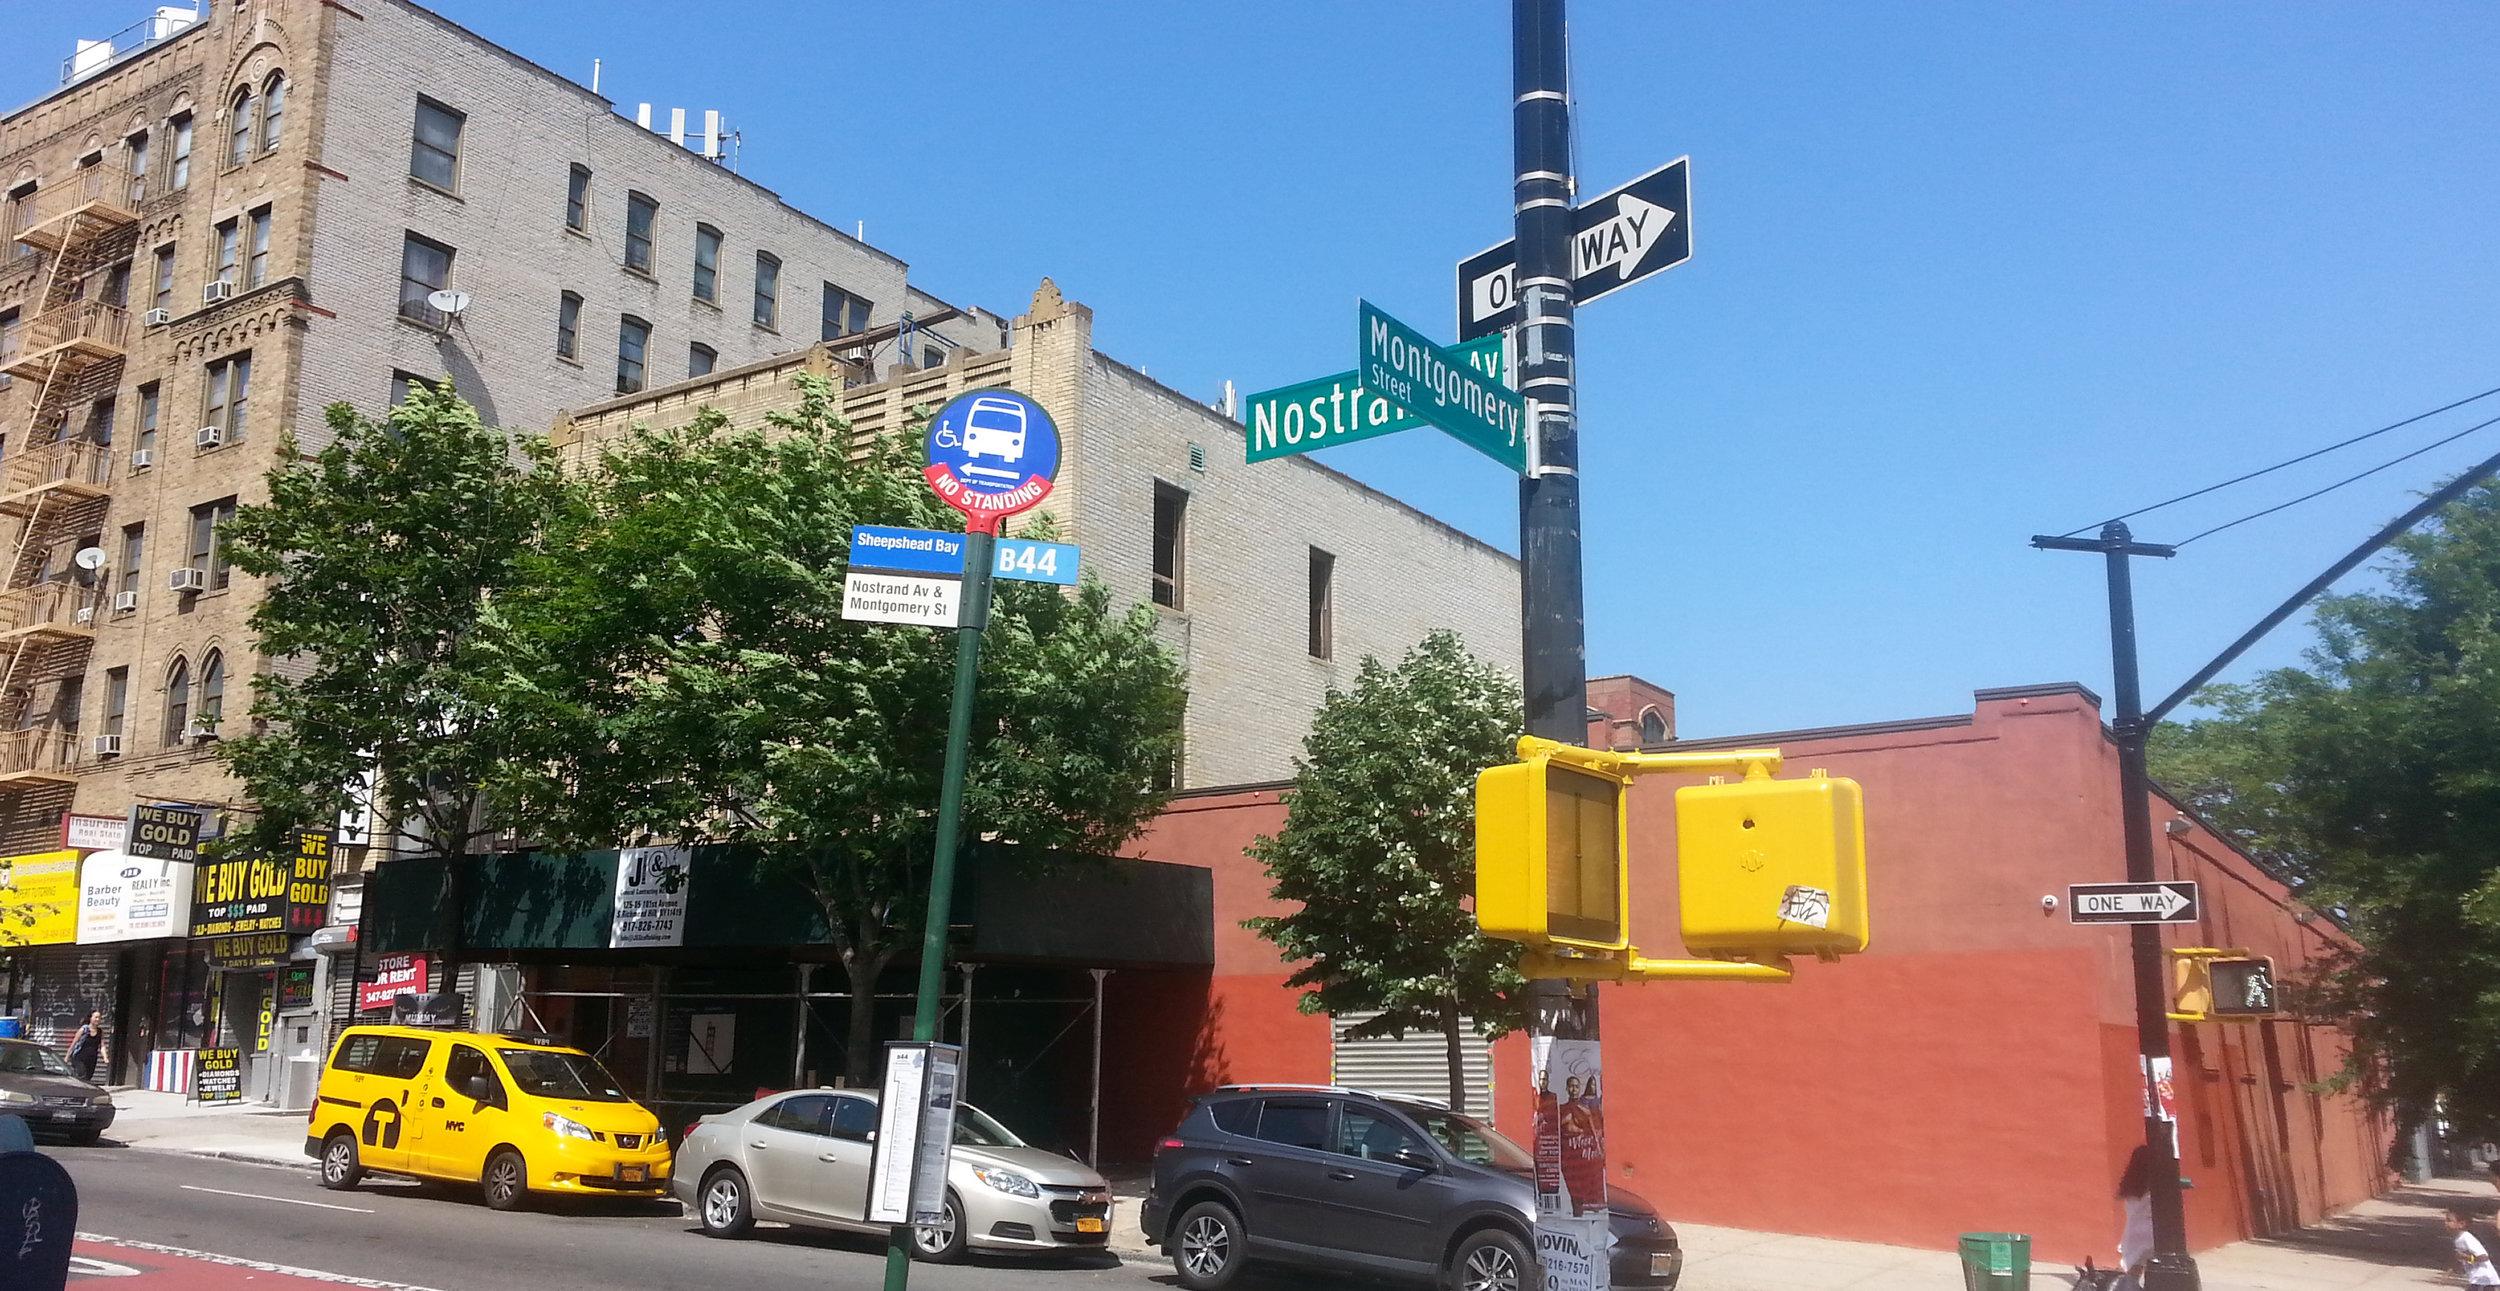 913 Nostrand Ave., Brooklyn, NY. Photo: Darryl Montgomery.